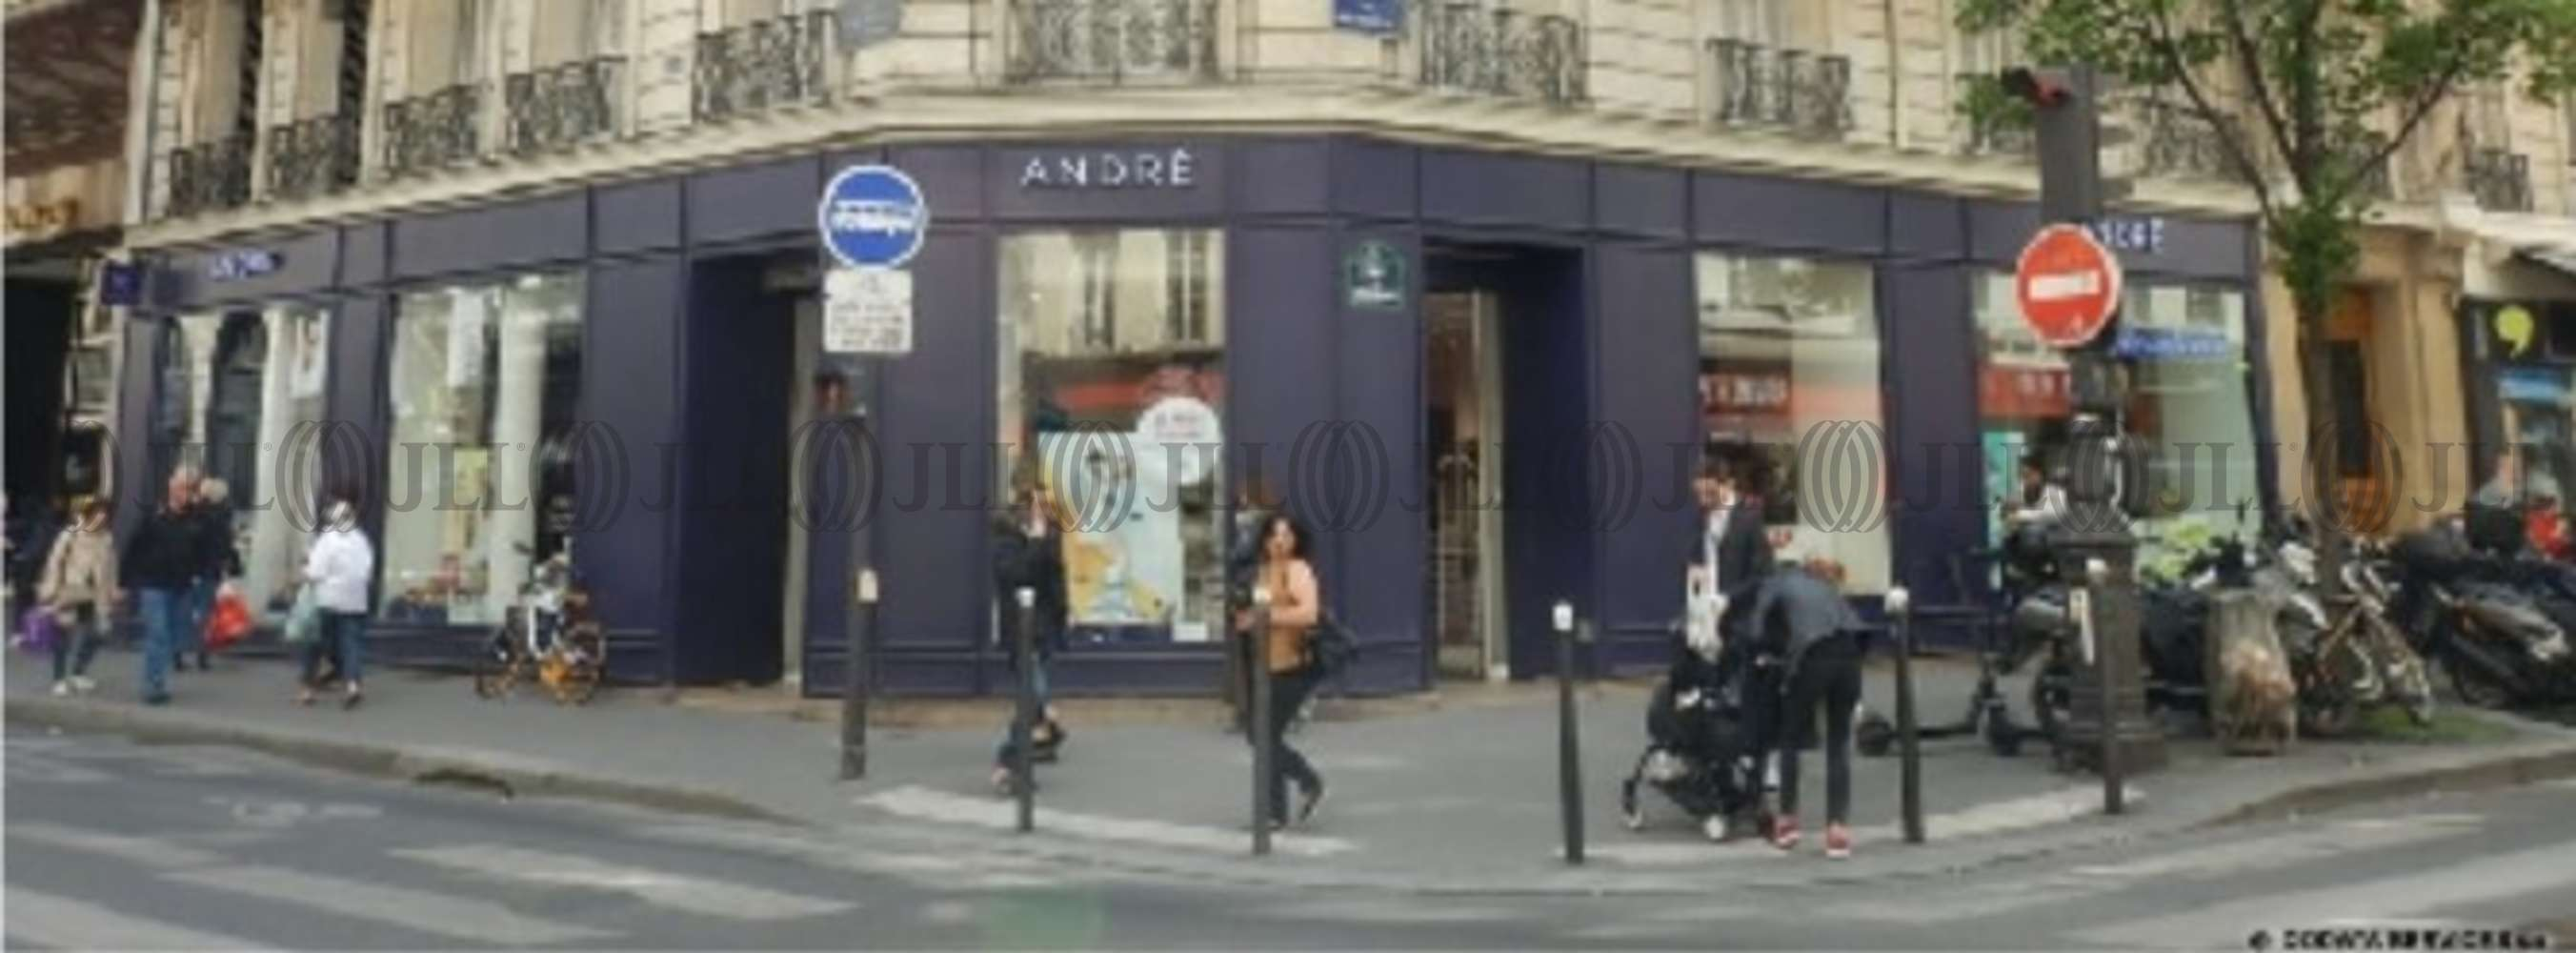 Commerces Paris, 75009 - ANDRE